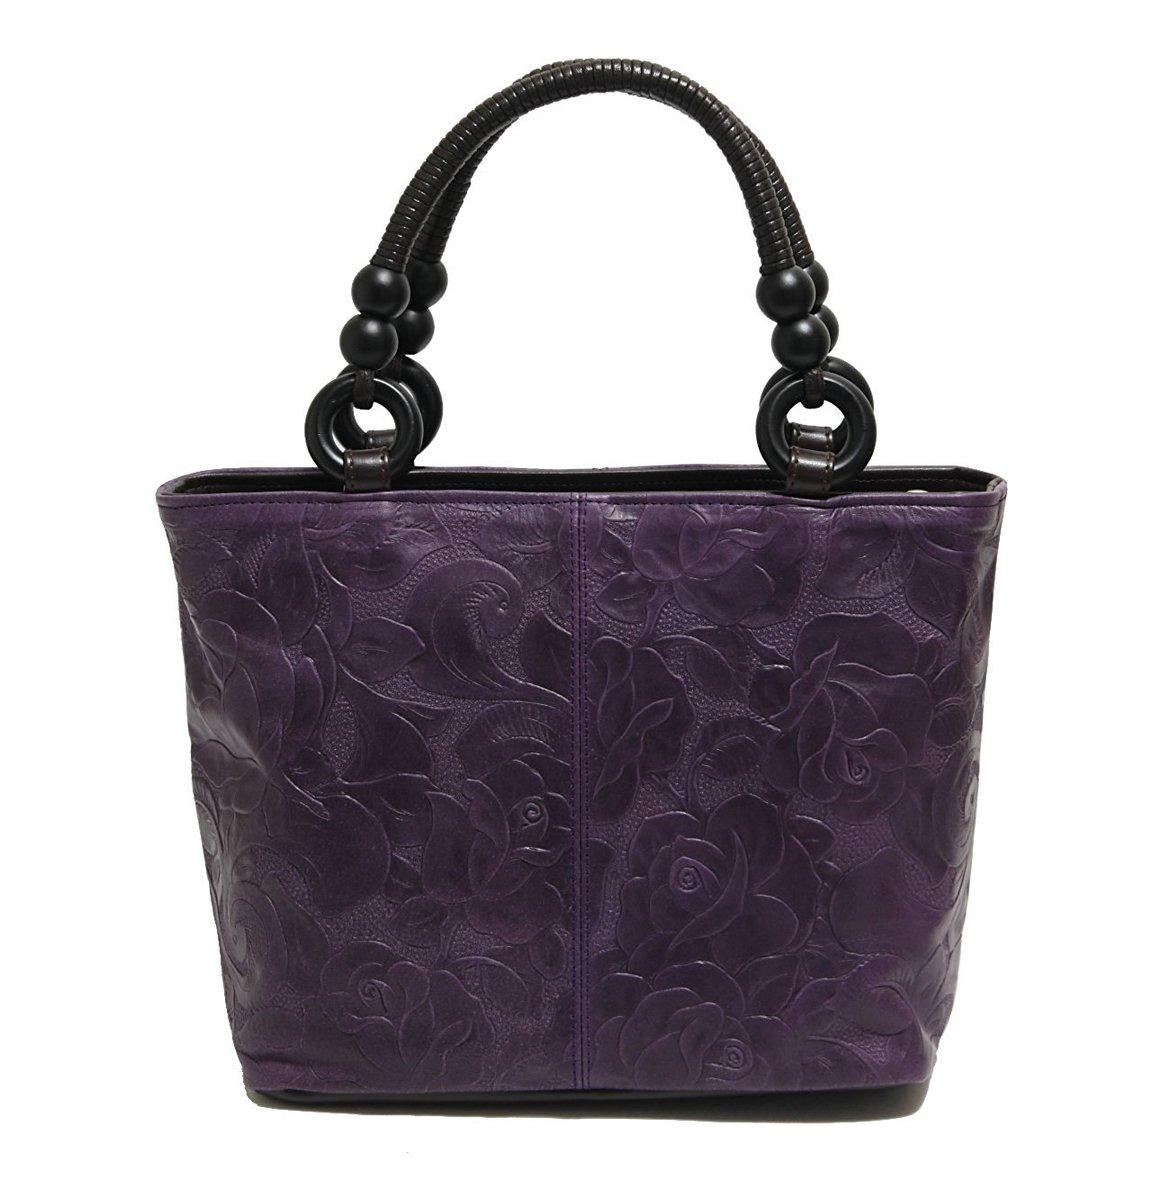 バッグ レディース 婦人用 牛革 フラワー 手提げ あおり 茶 紫 黒 日本製 ka071389